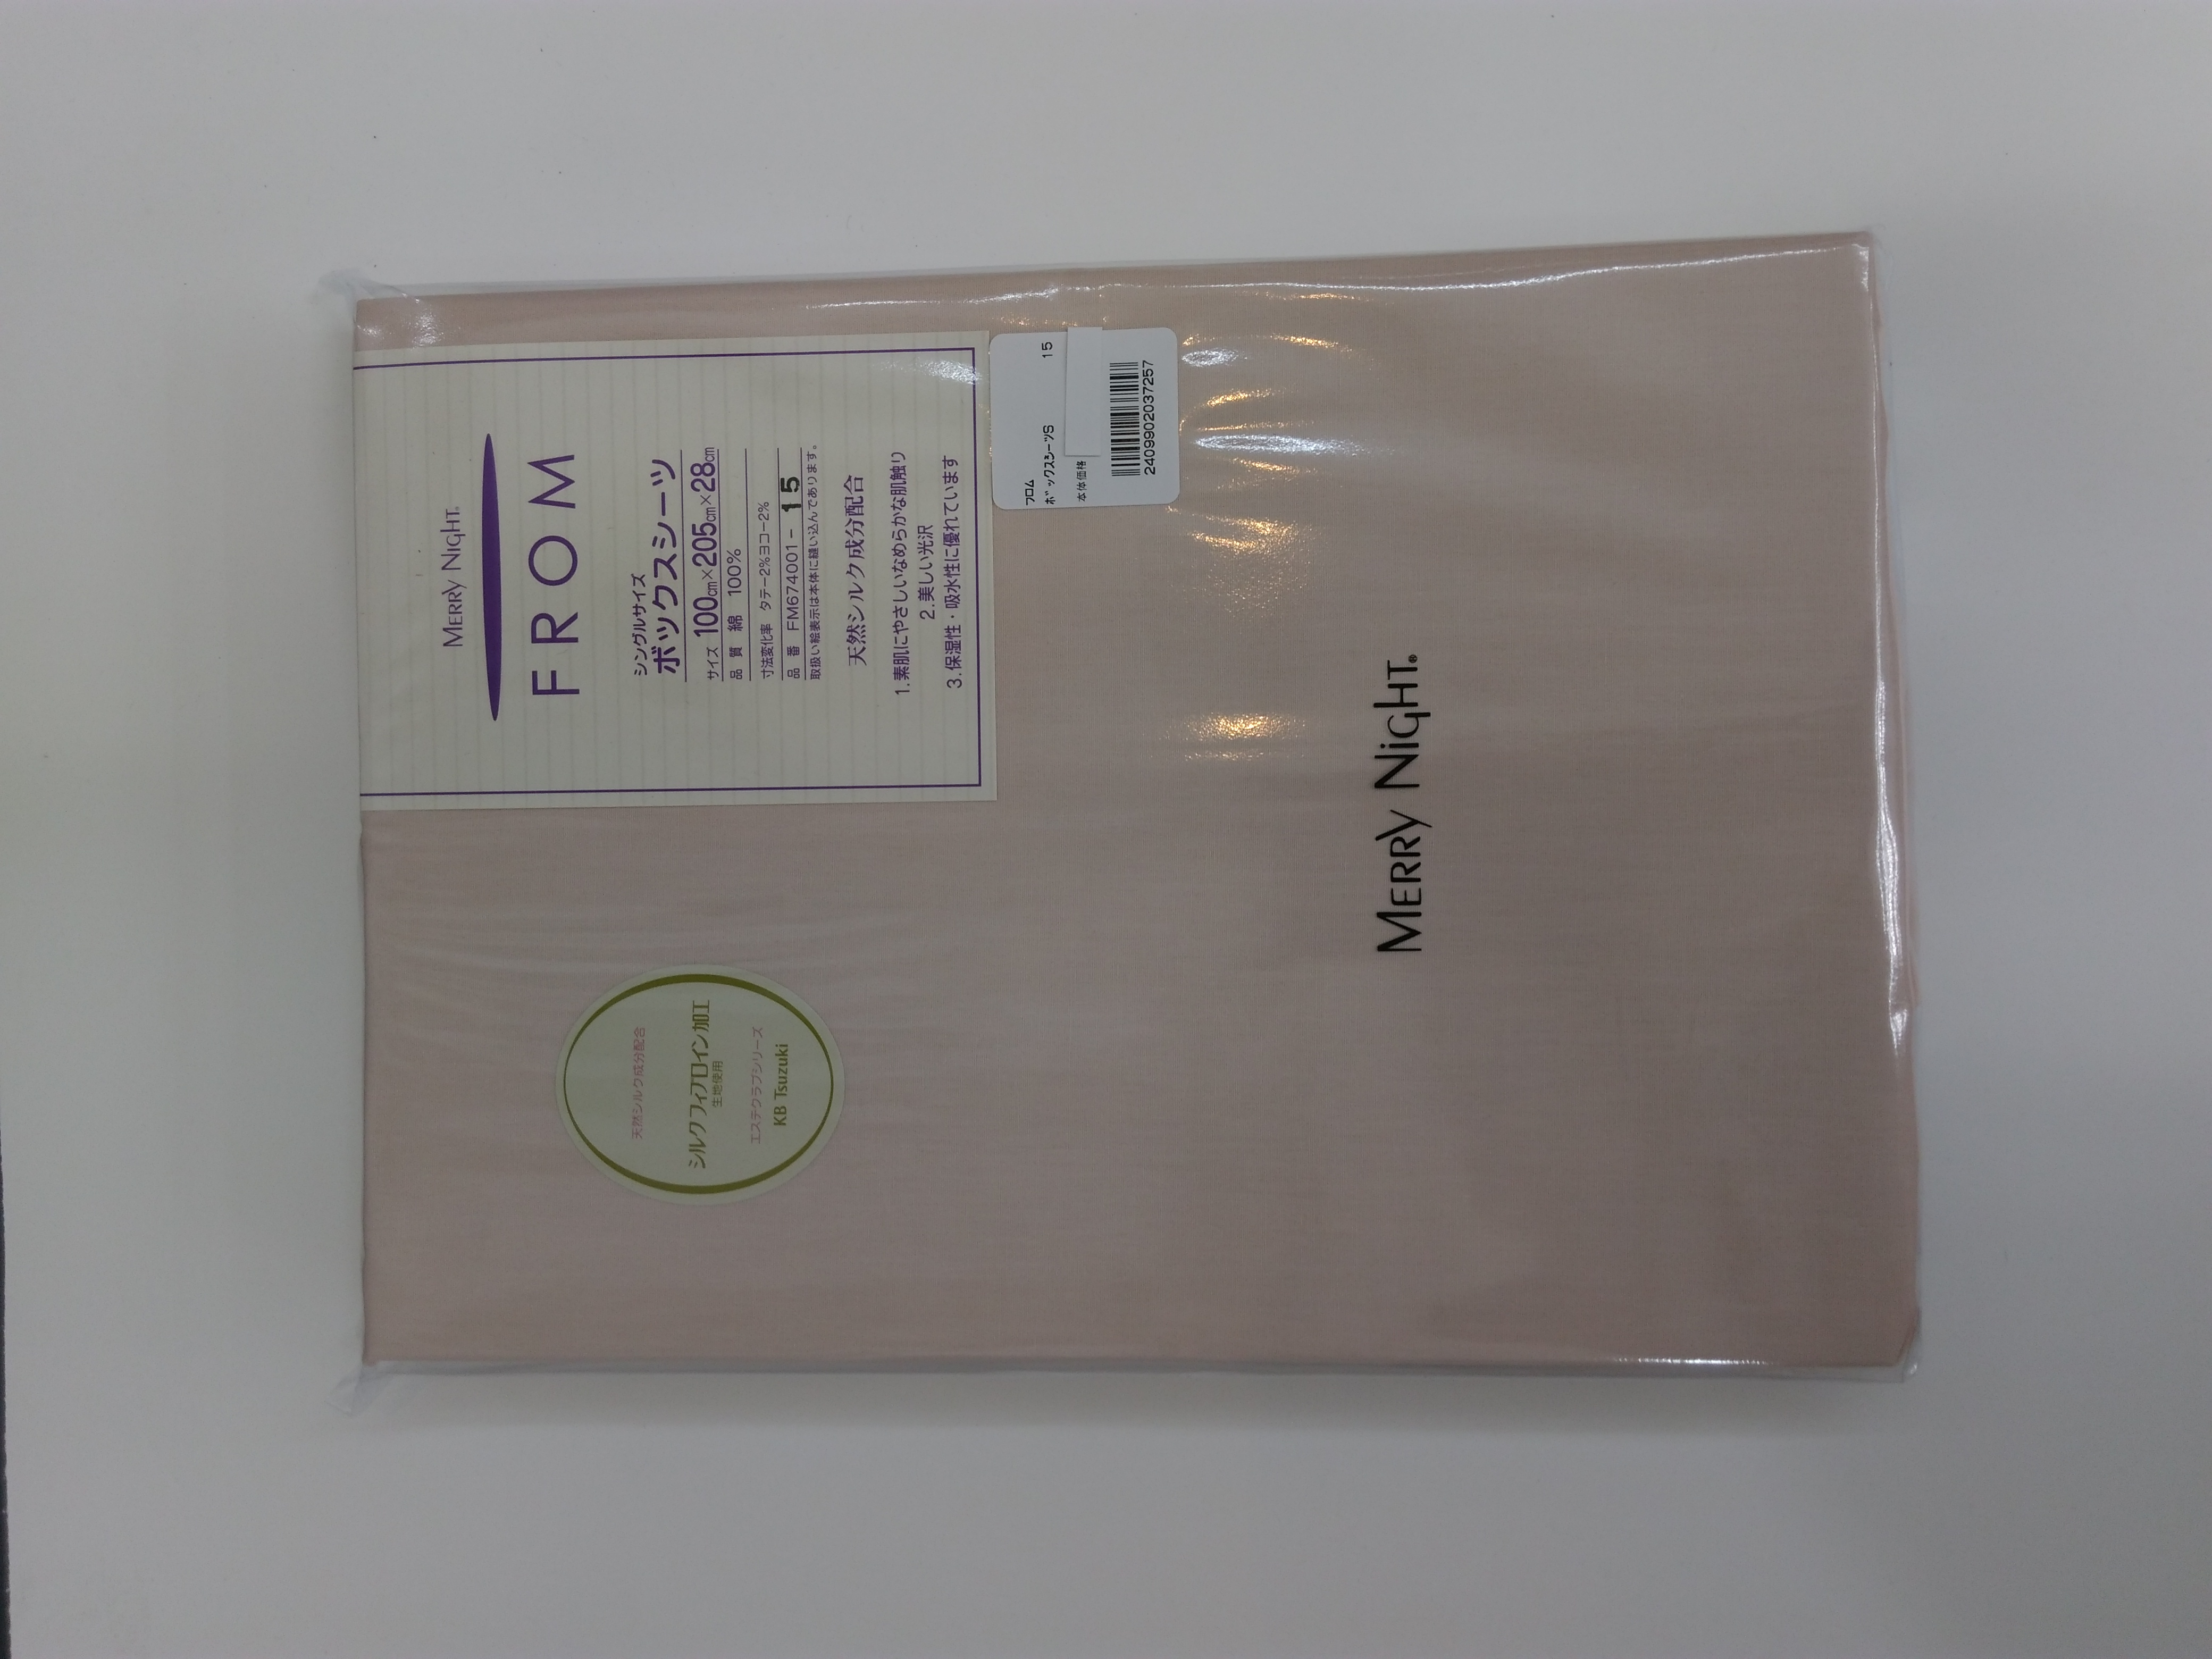 メリーナイト FROM フロムコレクション ボックスシーツ シングルサイズ 100X205X28cm ペールピンク